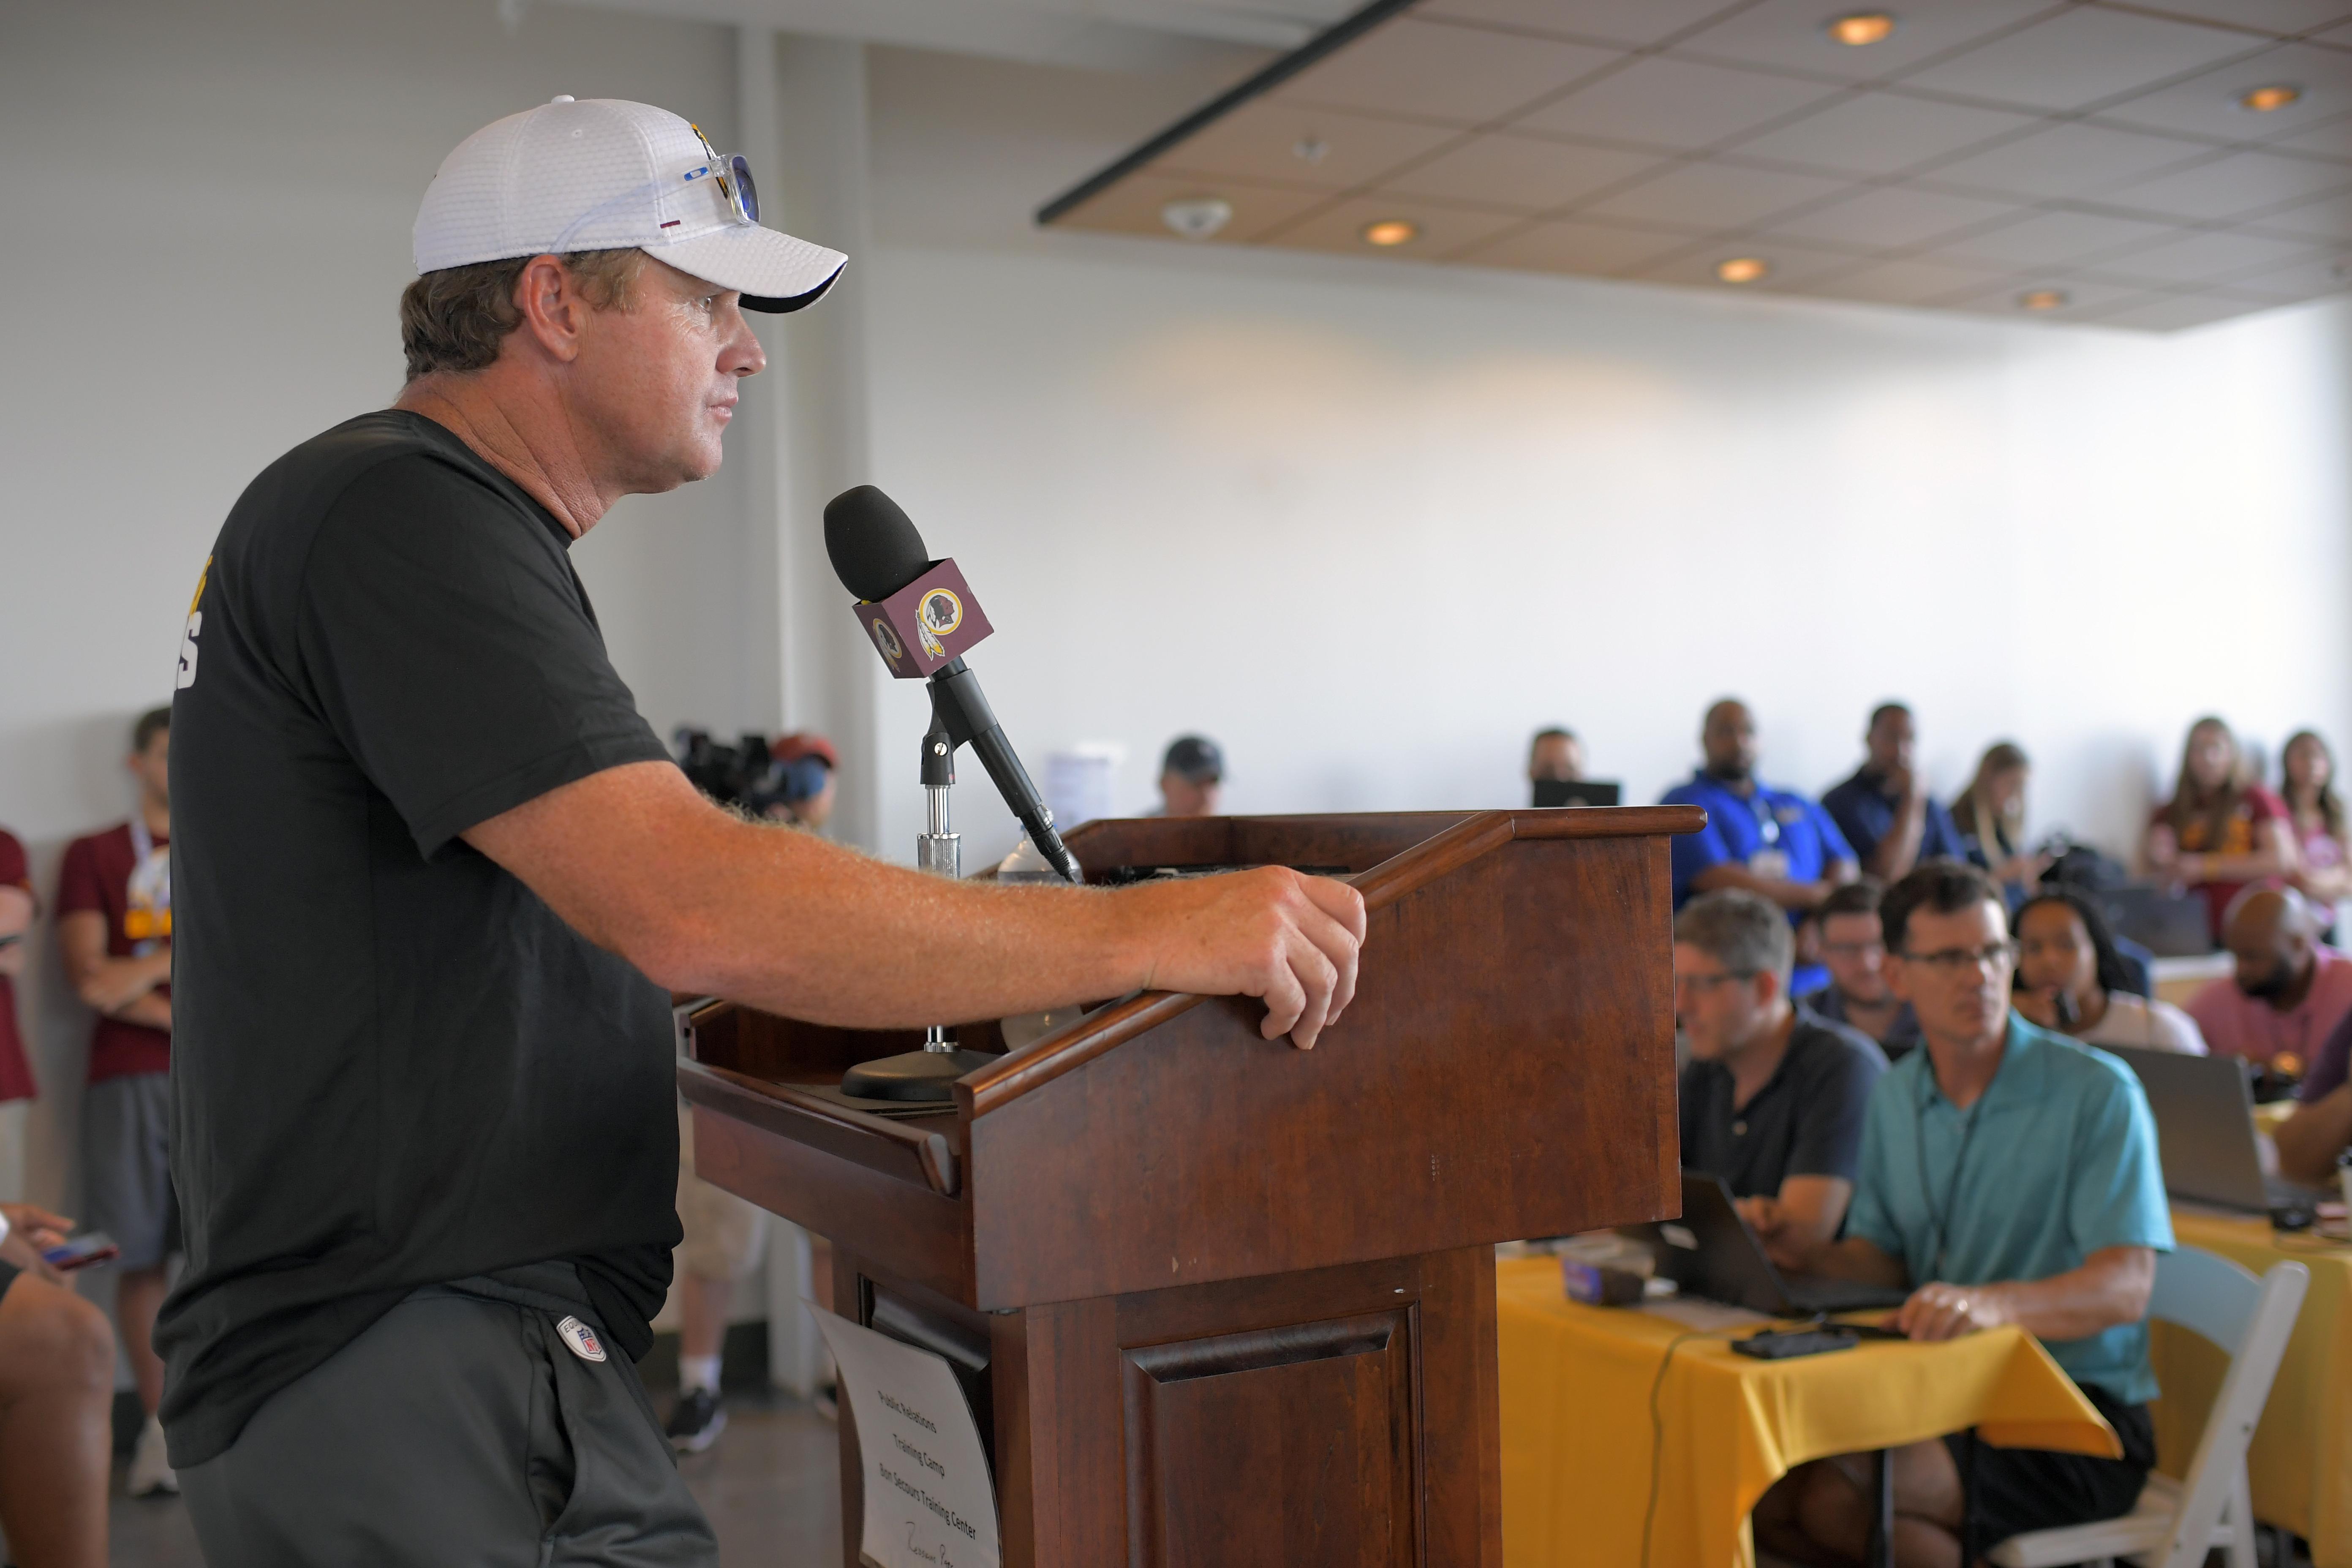 Redskins head coach Jay Gruden